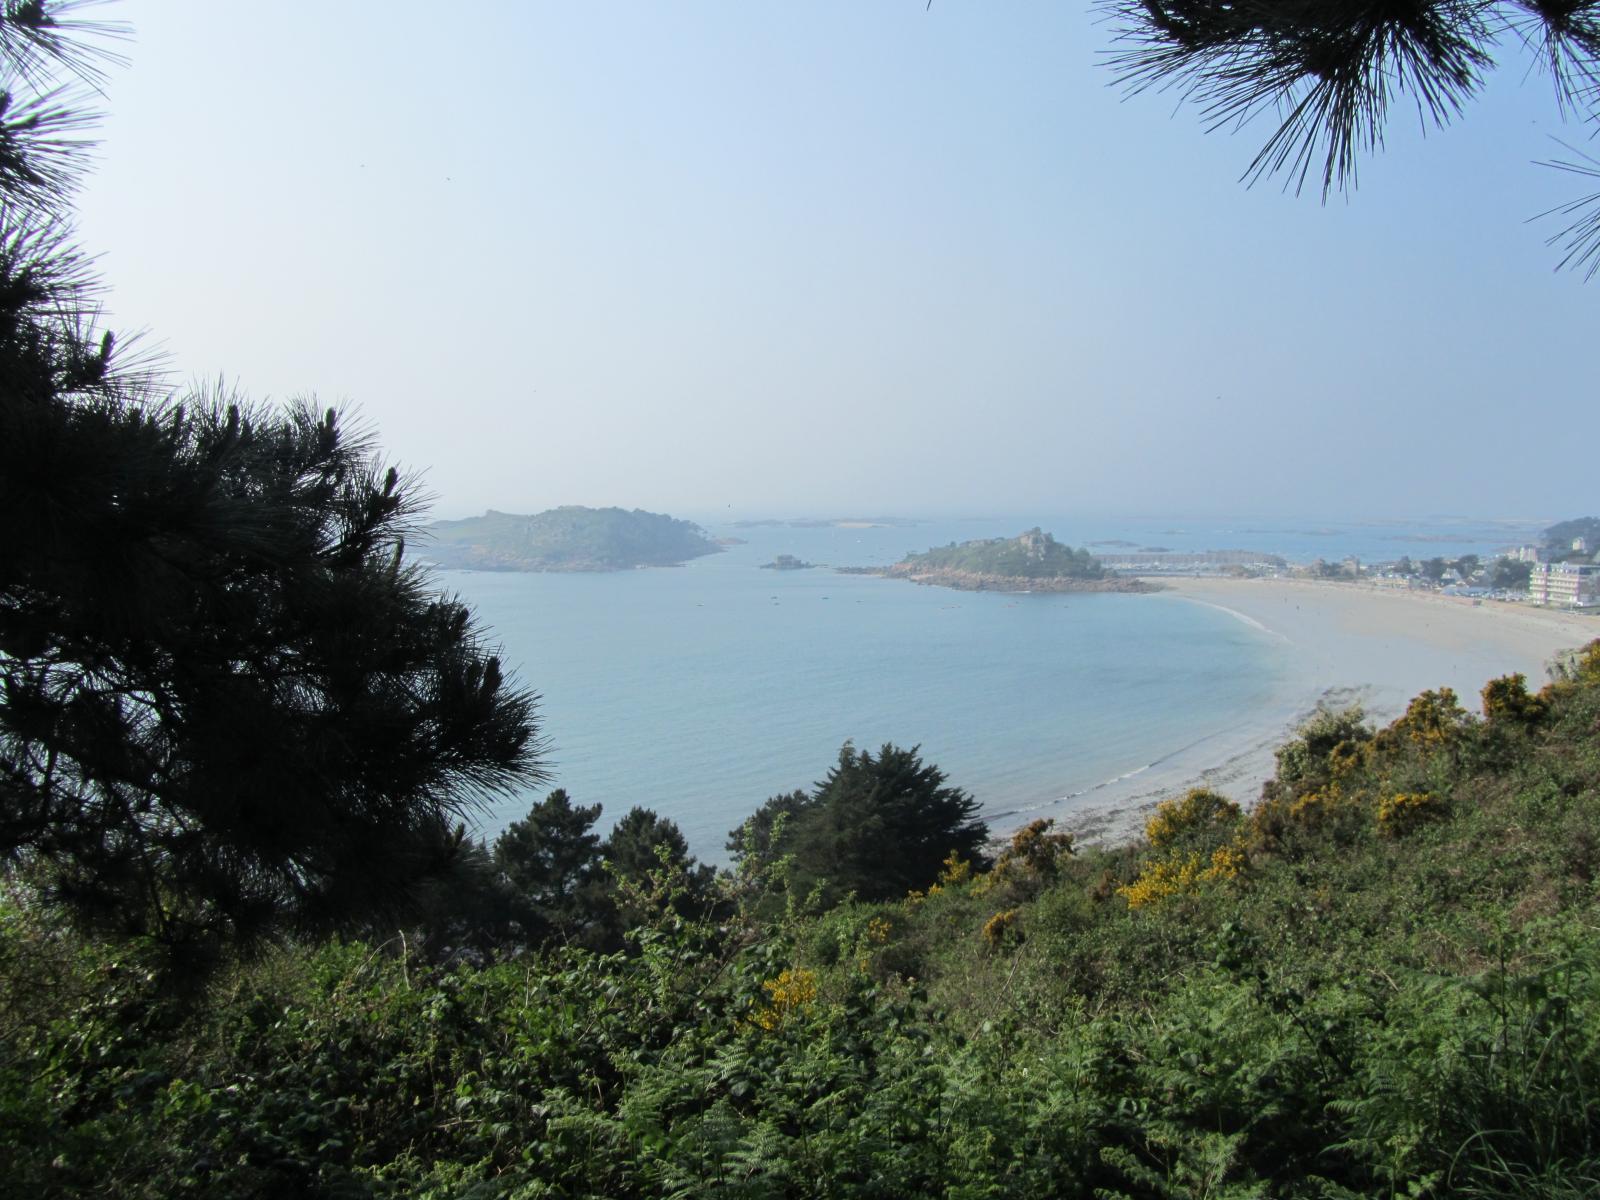 la plage deTrebeurden vue de la Pointe de Bihit